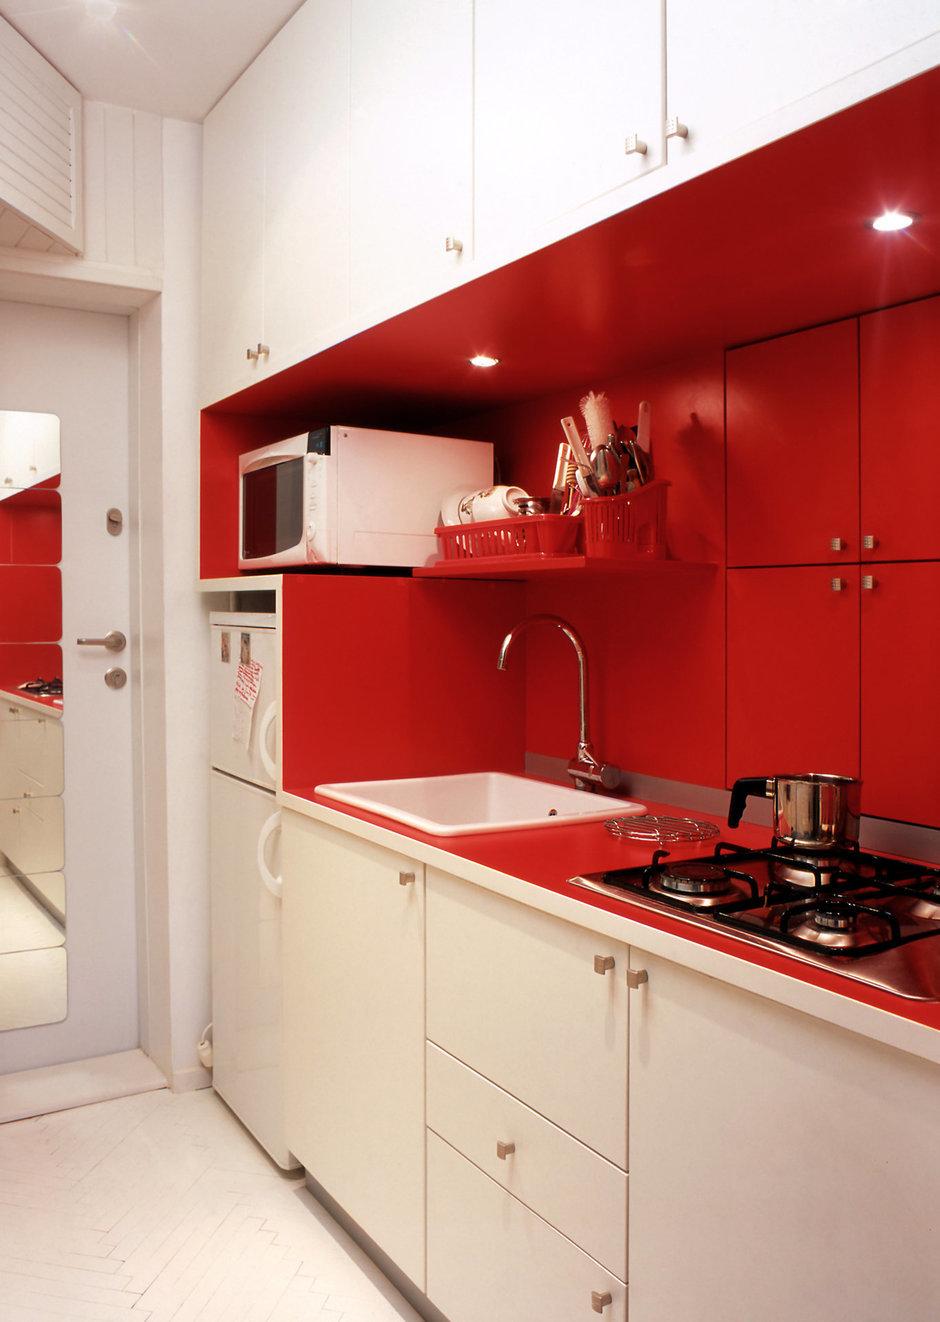 Фотография: Кухня и столовая в стиле Современный, Декор интерьера, Малогабаритная квартира, Квартира, Цвет в интерьере, Стиль жизни, Советы – фото на InMyRoom.ru